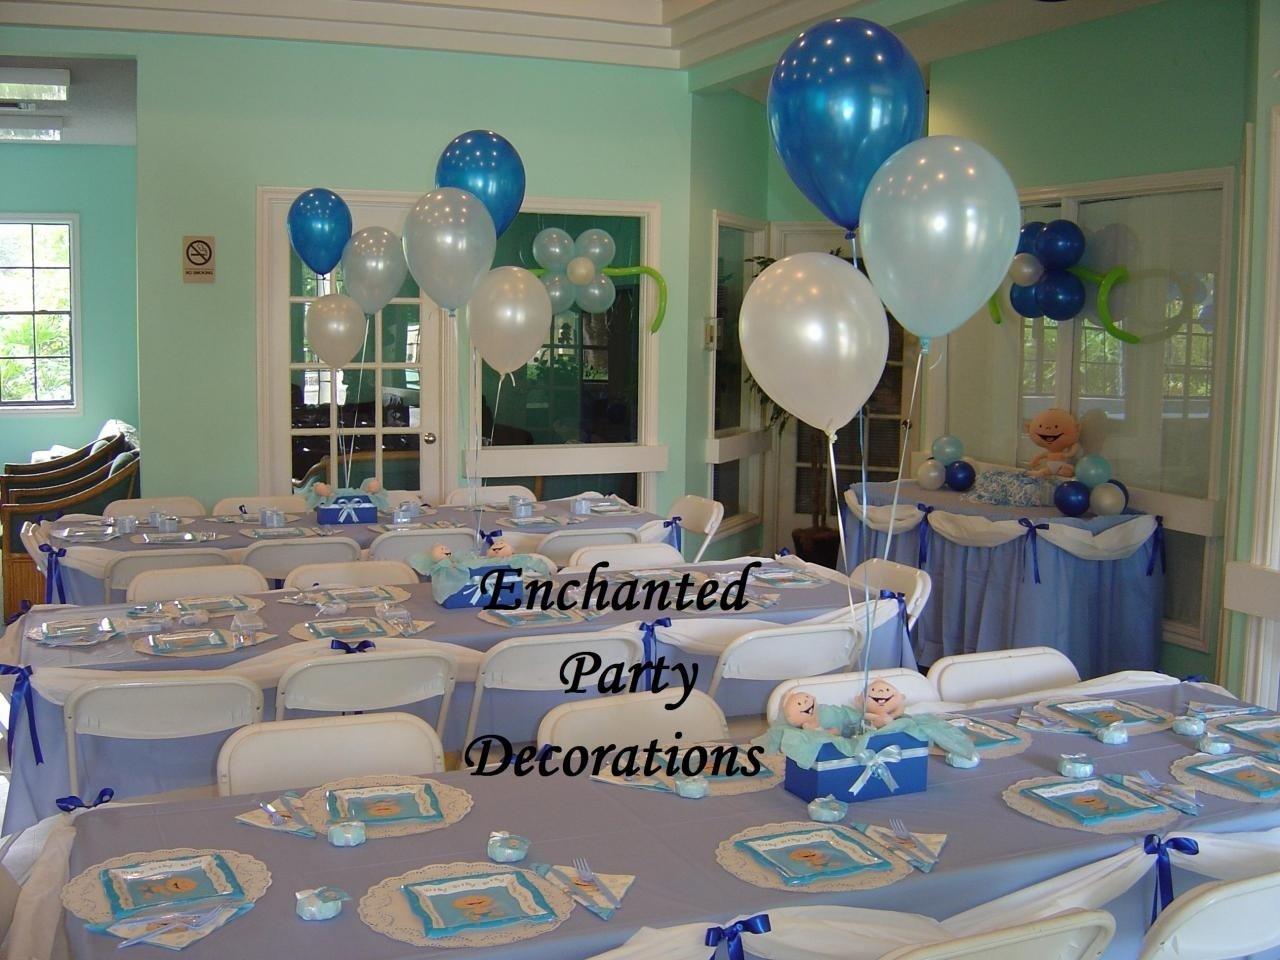 10 Unique Baby Shower Centerpiece Ideas For Boys baby shower table decorations for boy e280a2 baby showers design 1 2020